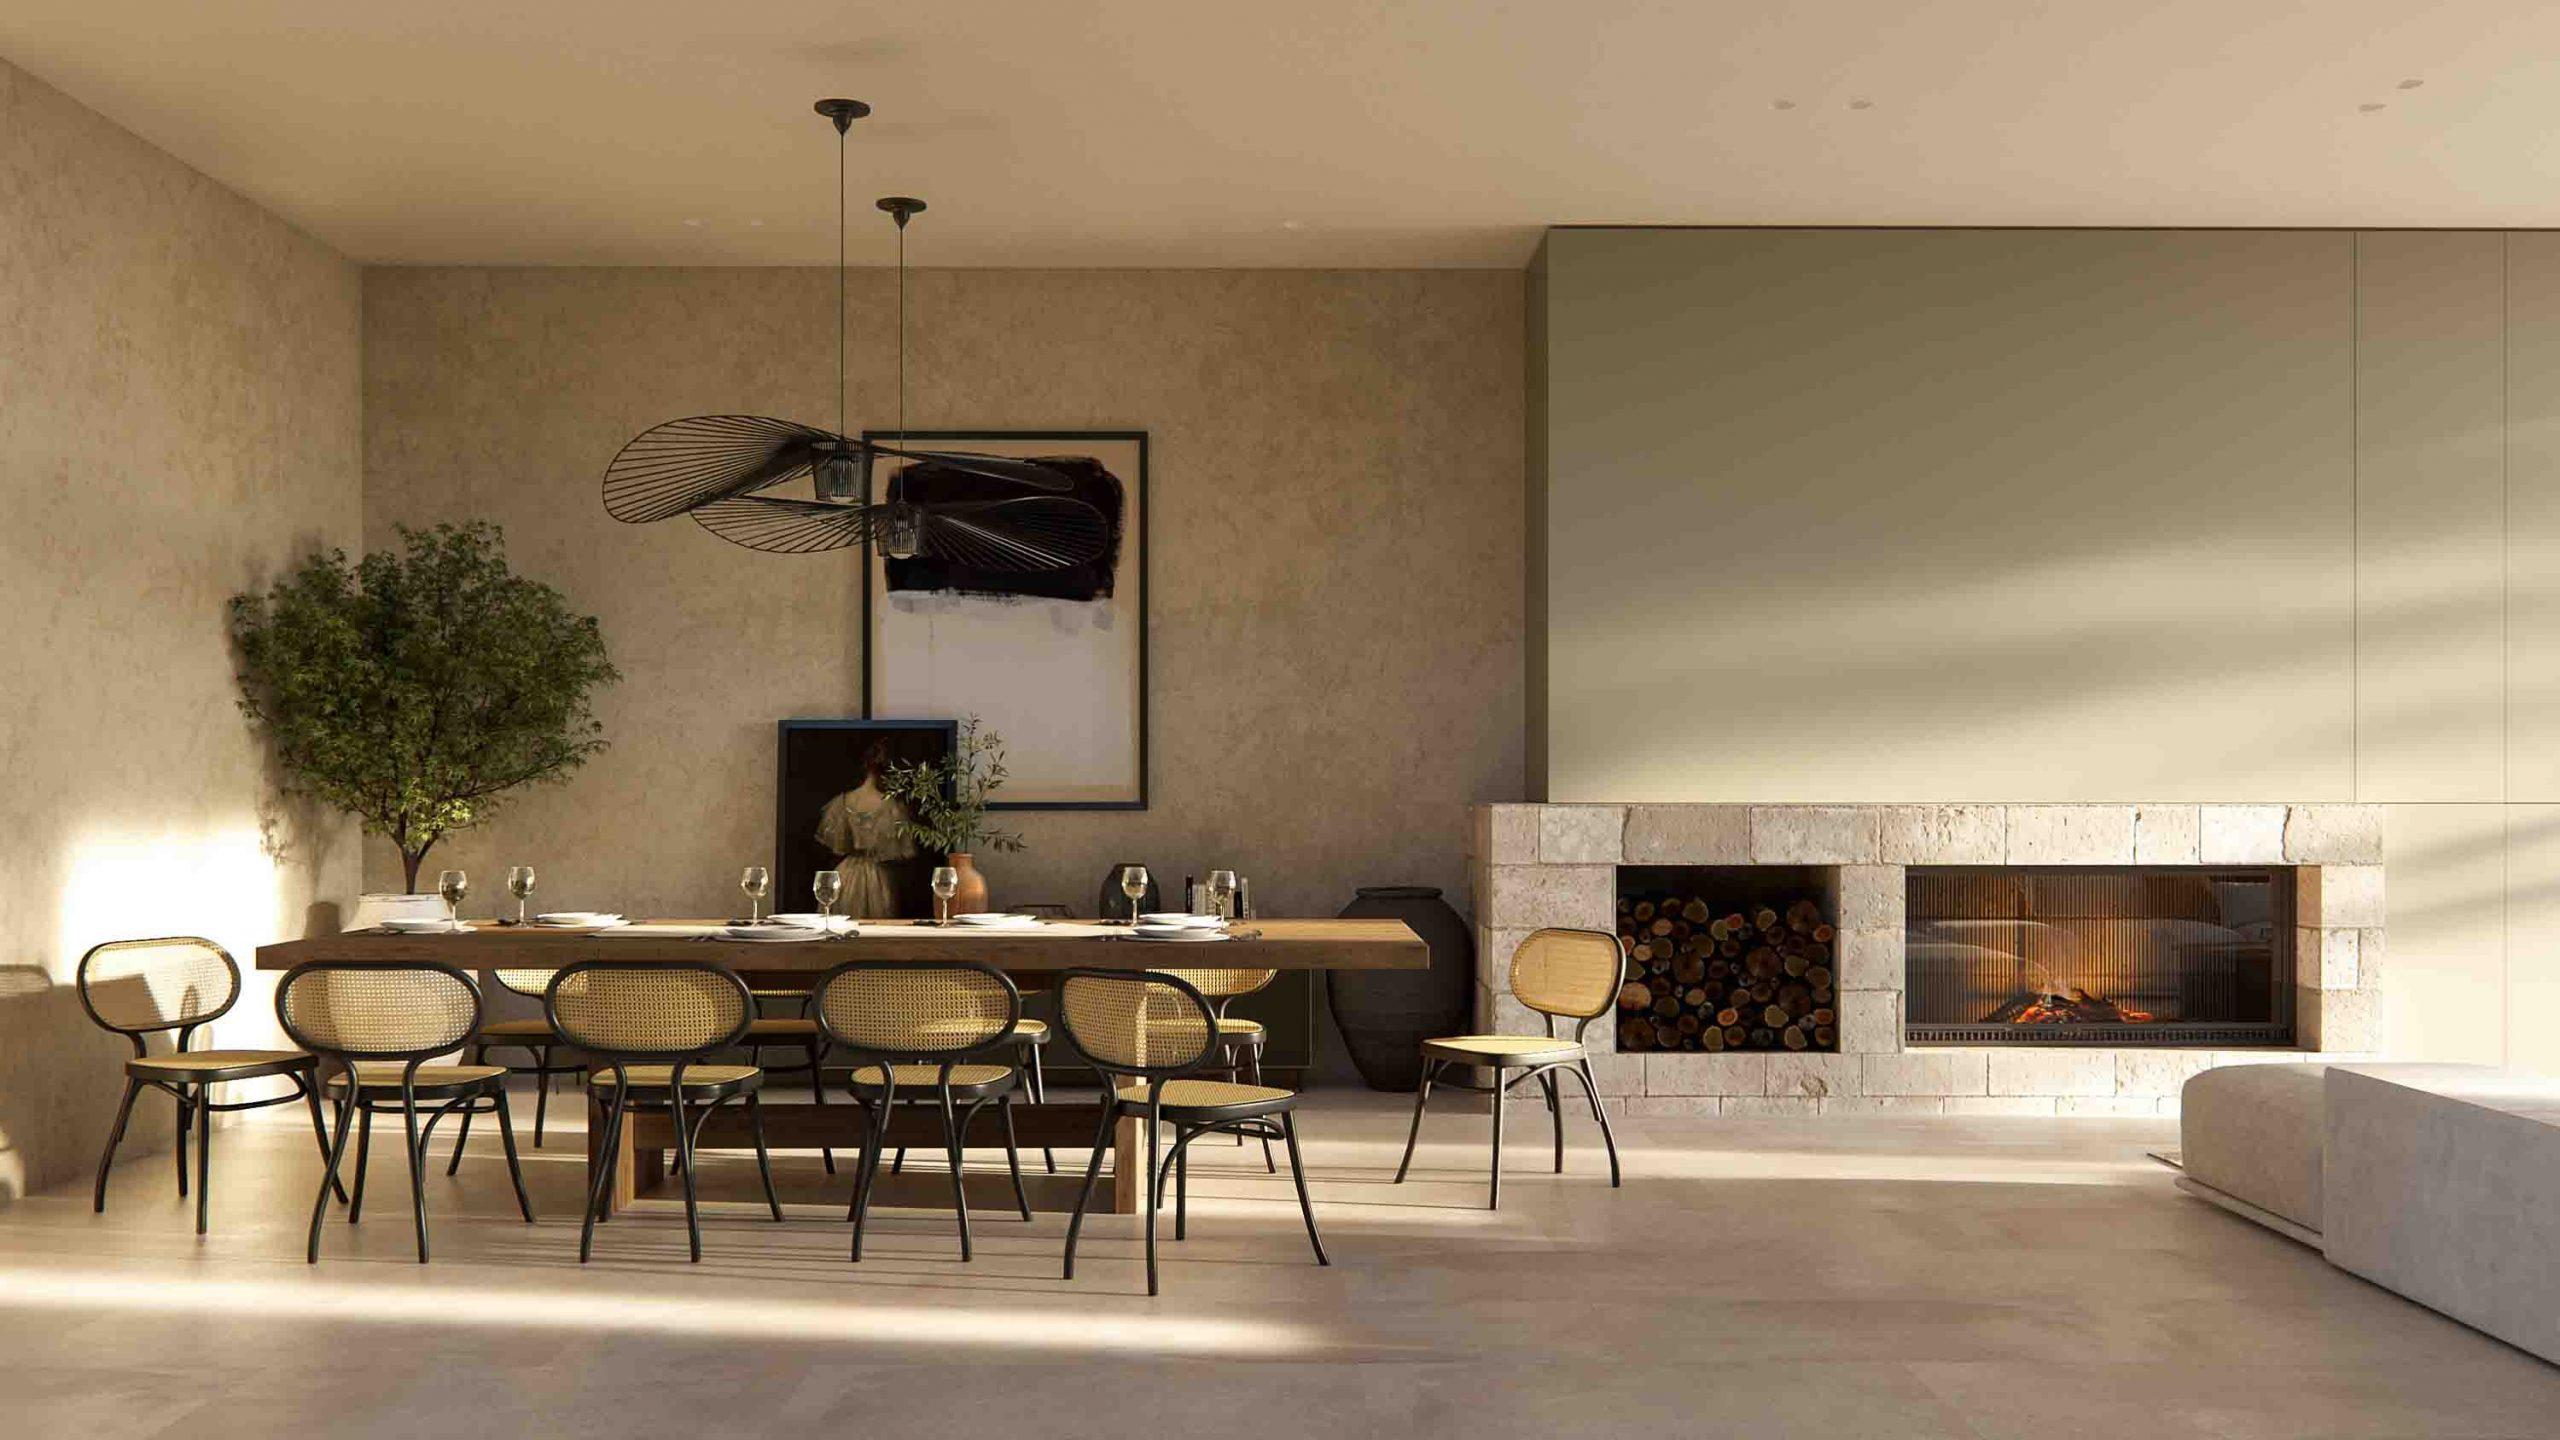 https://dprostudio.com/wp-content/uploads/2021/01/interior-renders-_-dpro-studio2-scaled.jpg